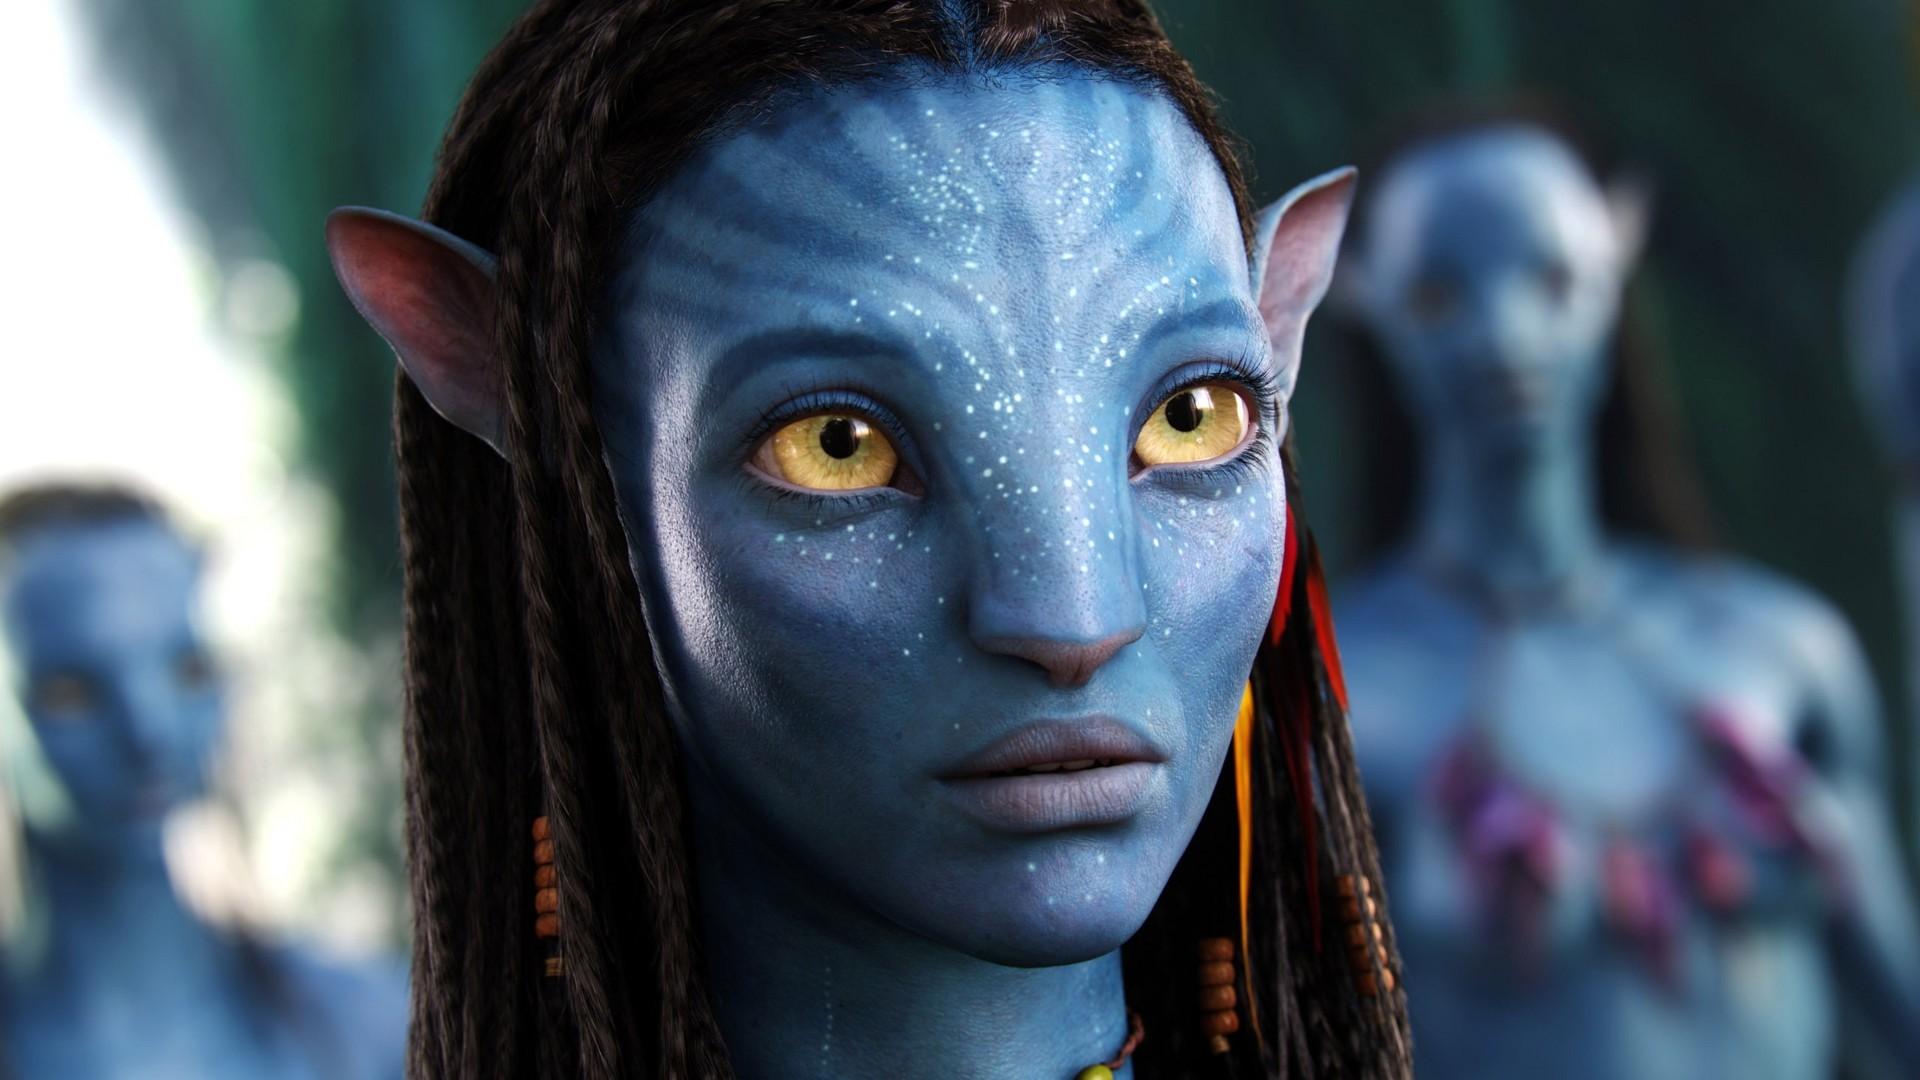 I 10 migliori film da guardare in 3D 4